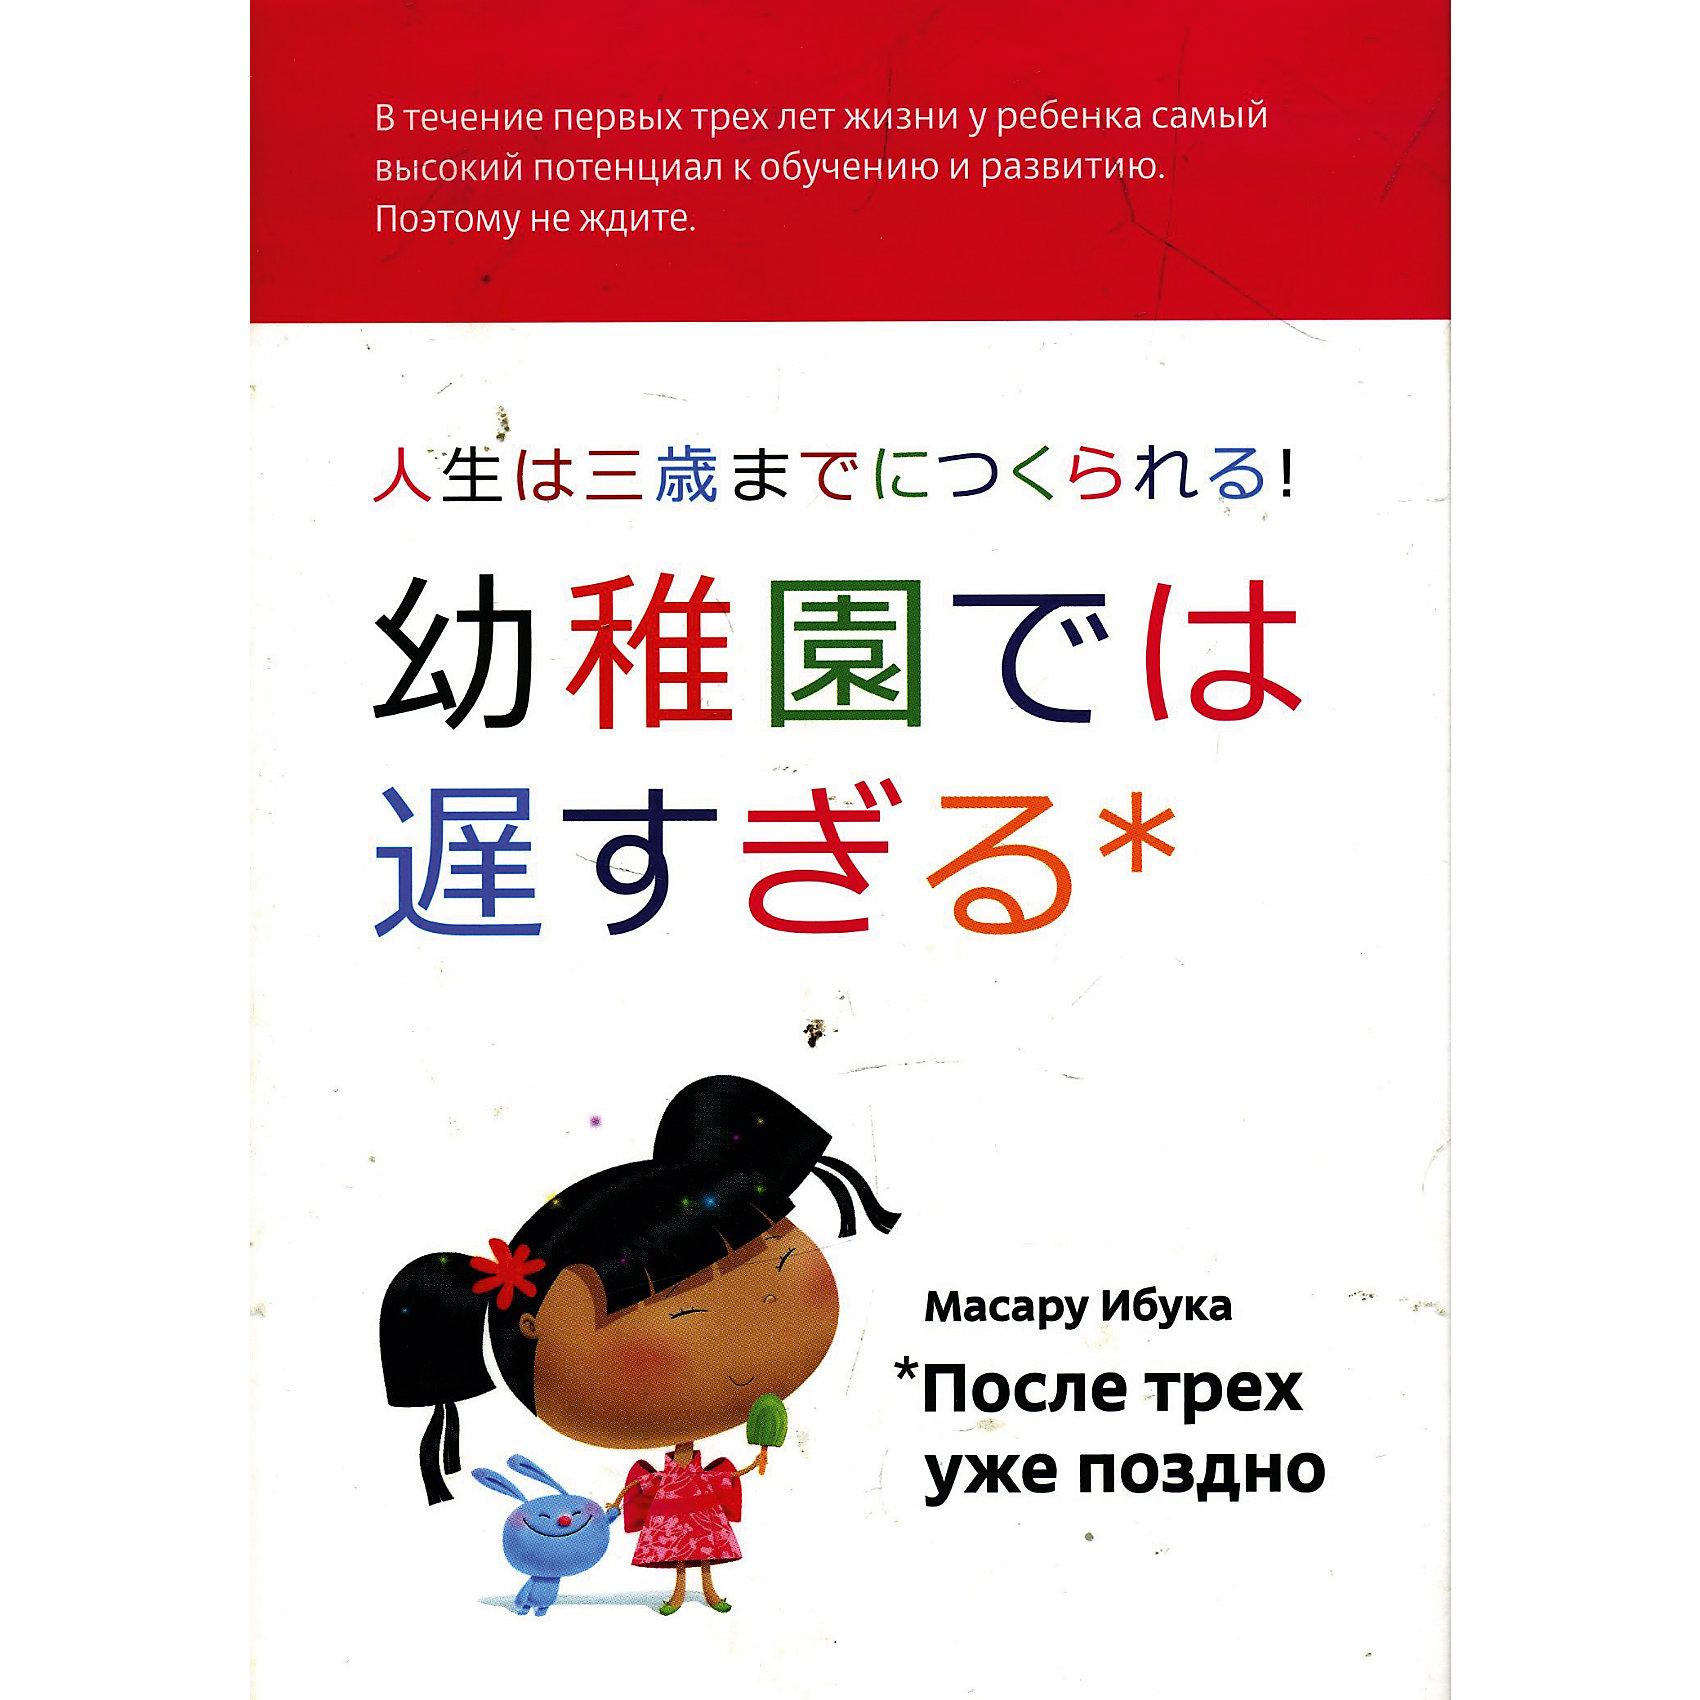 После трех уже поздно, Масару ИбукаАвтор этой удивительно доброй книги считает, что маленькие дети обладают способностью научиться чему угодно. Он размышляет об огромном влиянии на новорожденных окружающей среды и предлагает простые и понятные приемы обучения, способствующие раннему развитию ребенка. По его мнению, то, что взрослые осваивают с большим трудом, дети выучивают играючи. И главное в этом процессе - вовремя ввести новый опыт. Но только тот, кто рядом с ребенком изо дня в день, может распознать это вовремя. Книга адресована всем мамам и папам, которые хотят открыть перед своими маленькими детьми новые прекрасные возможности.<br><br>Дополнительная информация:<br><br>- Автор: Ибука Масару.<br>- Художник: Гривина Оксана, Крамина Владислава, Франк Яна.<br>- Переводчик: Перова Натина.<br>- Формат: 19х13 см.<br>- Переплет: твердый.   <br>- Количество страниц: 224. <br>- Иллюстрации: цветные.<br><br>Книгу После трех уже поздно, Масару Ибука, можно купить в нашем магазине.<br><br>Ширина мм: 128<br>Глубина мм: 22<br>Высота мм: 286<br>Вес г: 400<br>Возраст от месяцев: 216<br>Возраст до месяцев: 2147483647<br>Пол: Унисекс<br>Возраст: Детский<br>SKU: 4522321